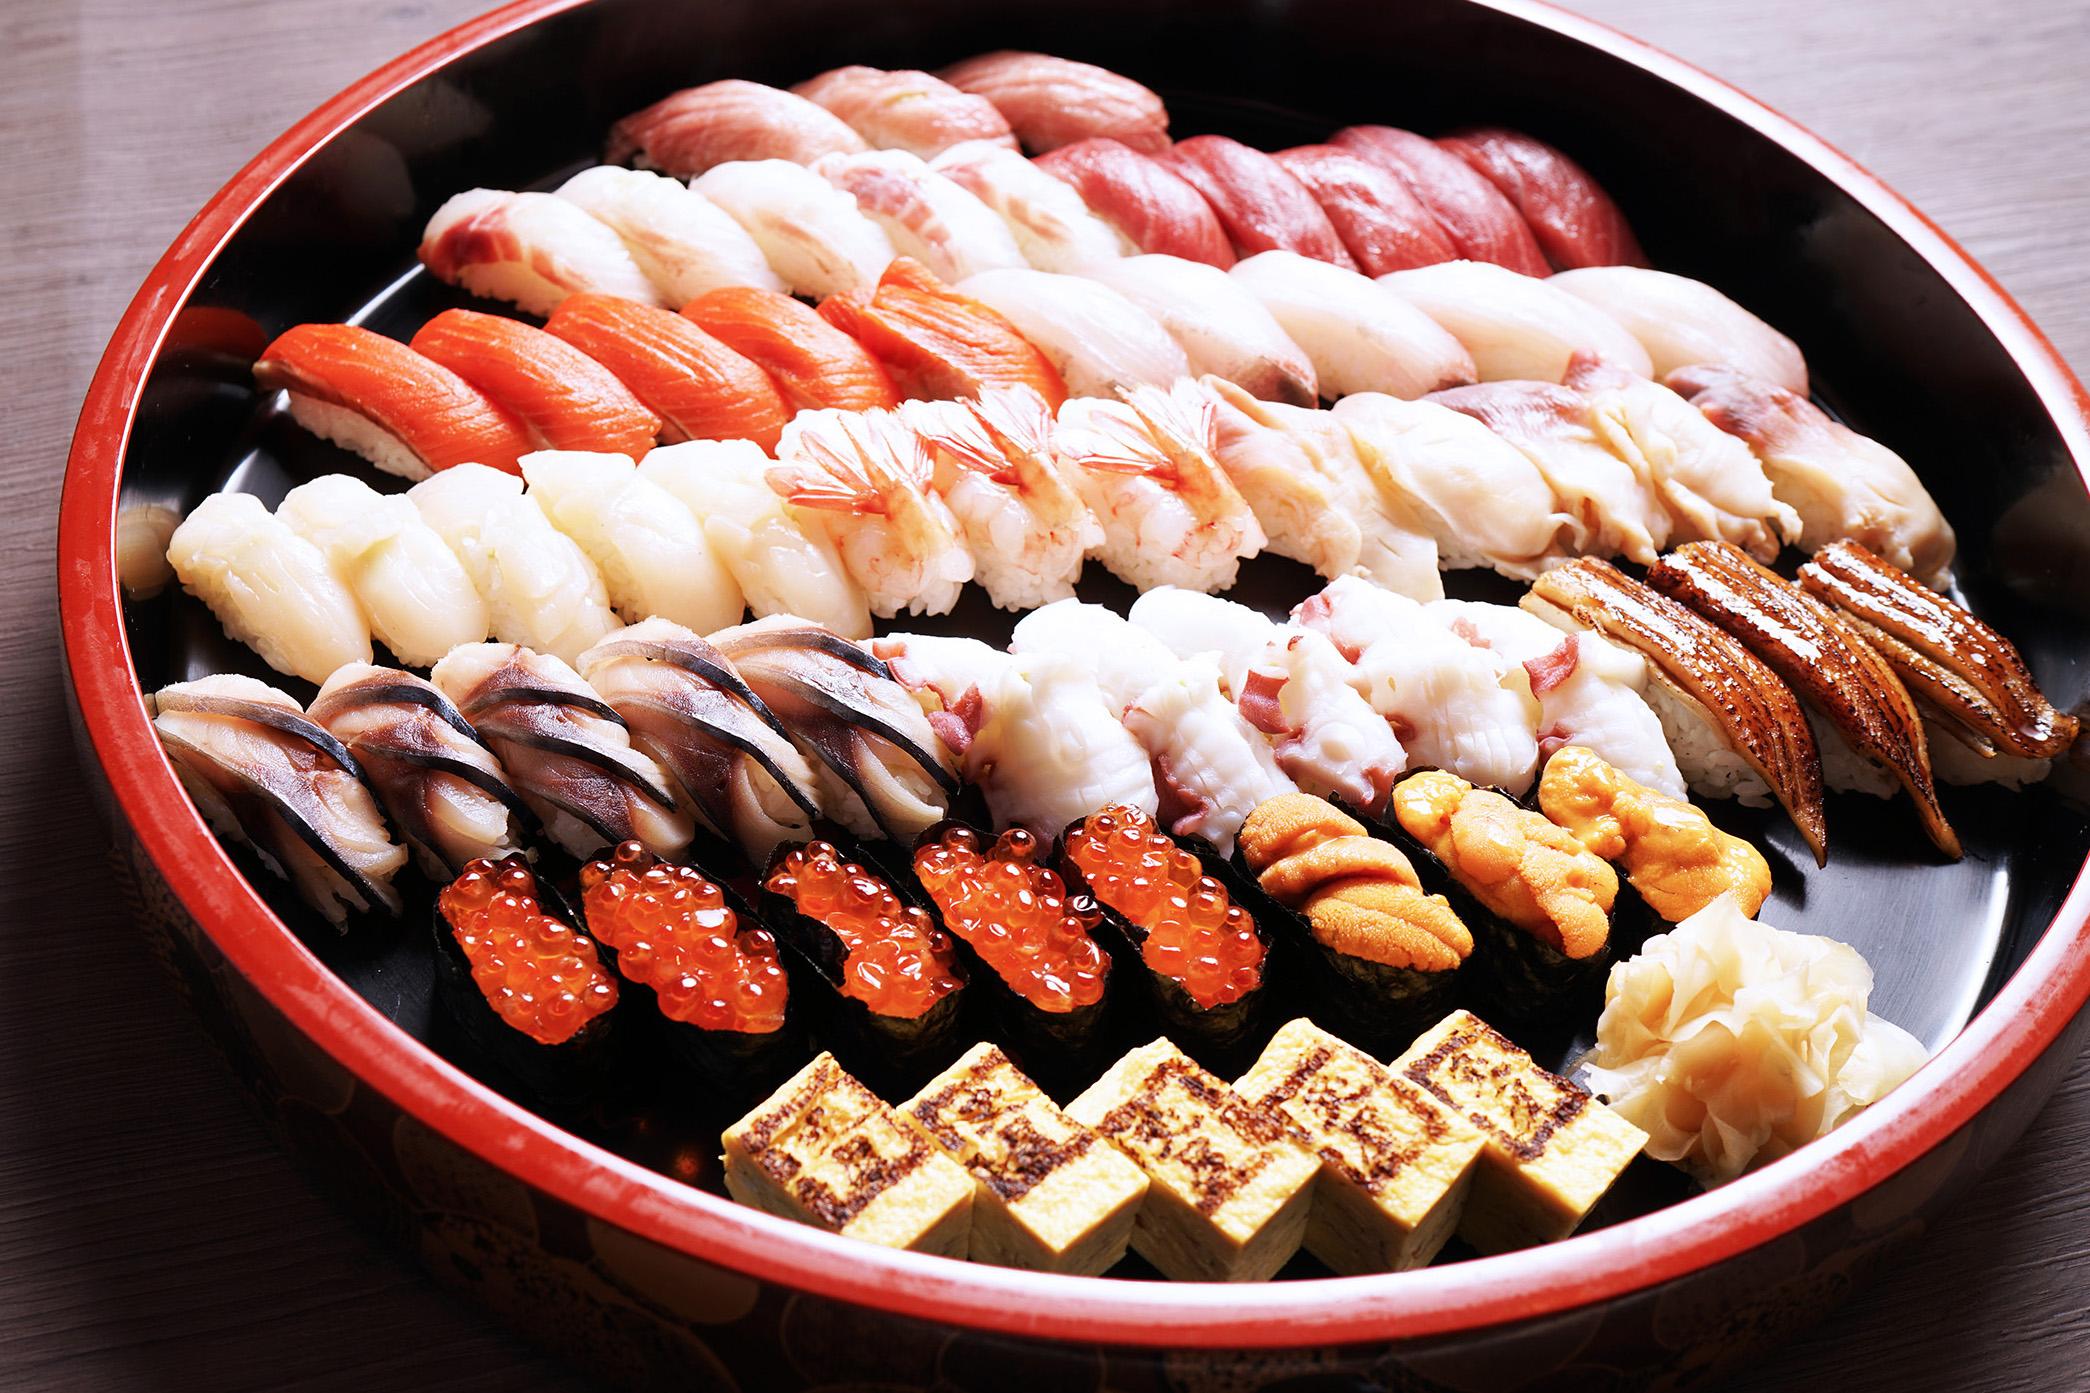 炙屋寿司桶盛り 全 62貫